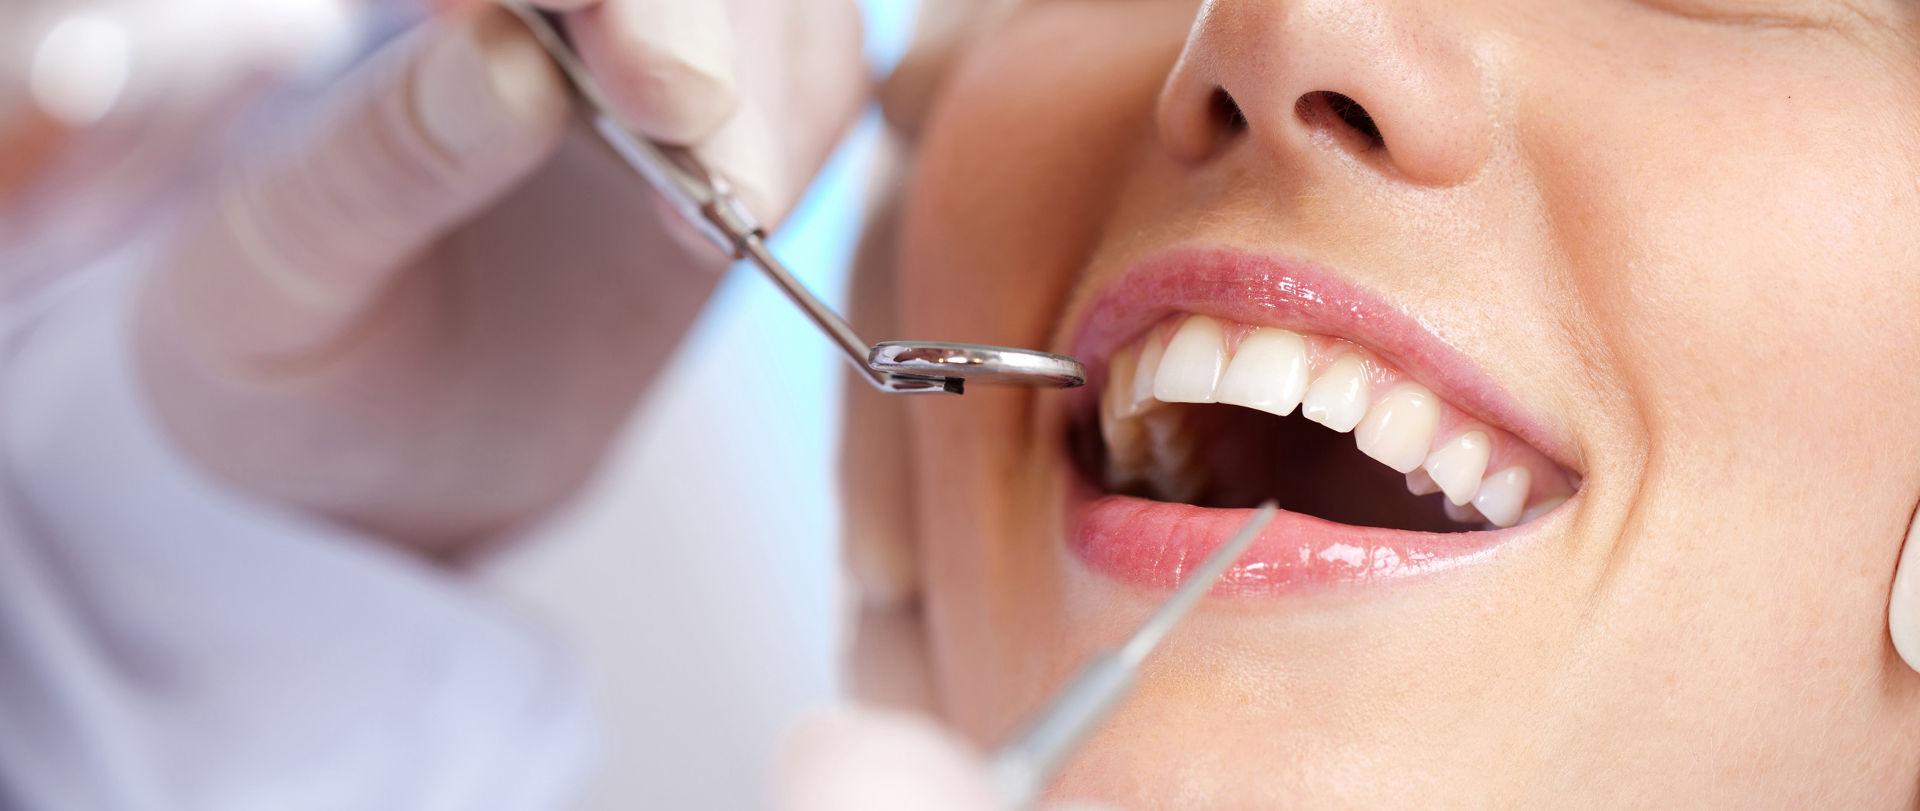 Mulher sendo examinada por dentista | Implante dentário: o que é e quais são os benefícios?